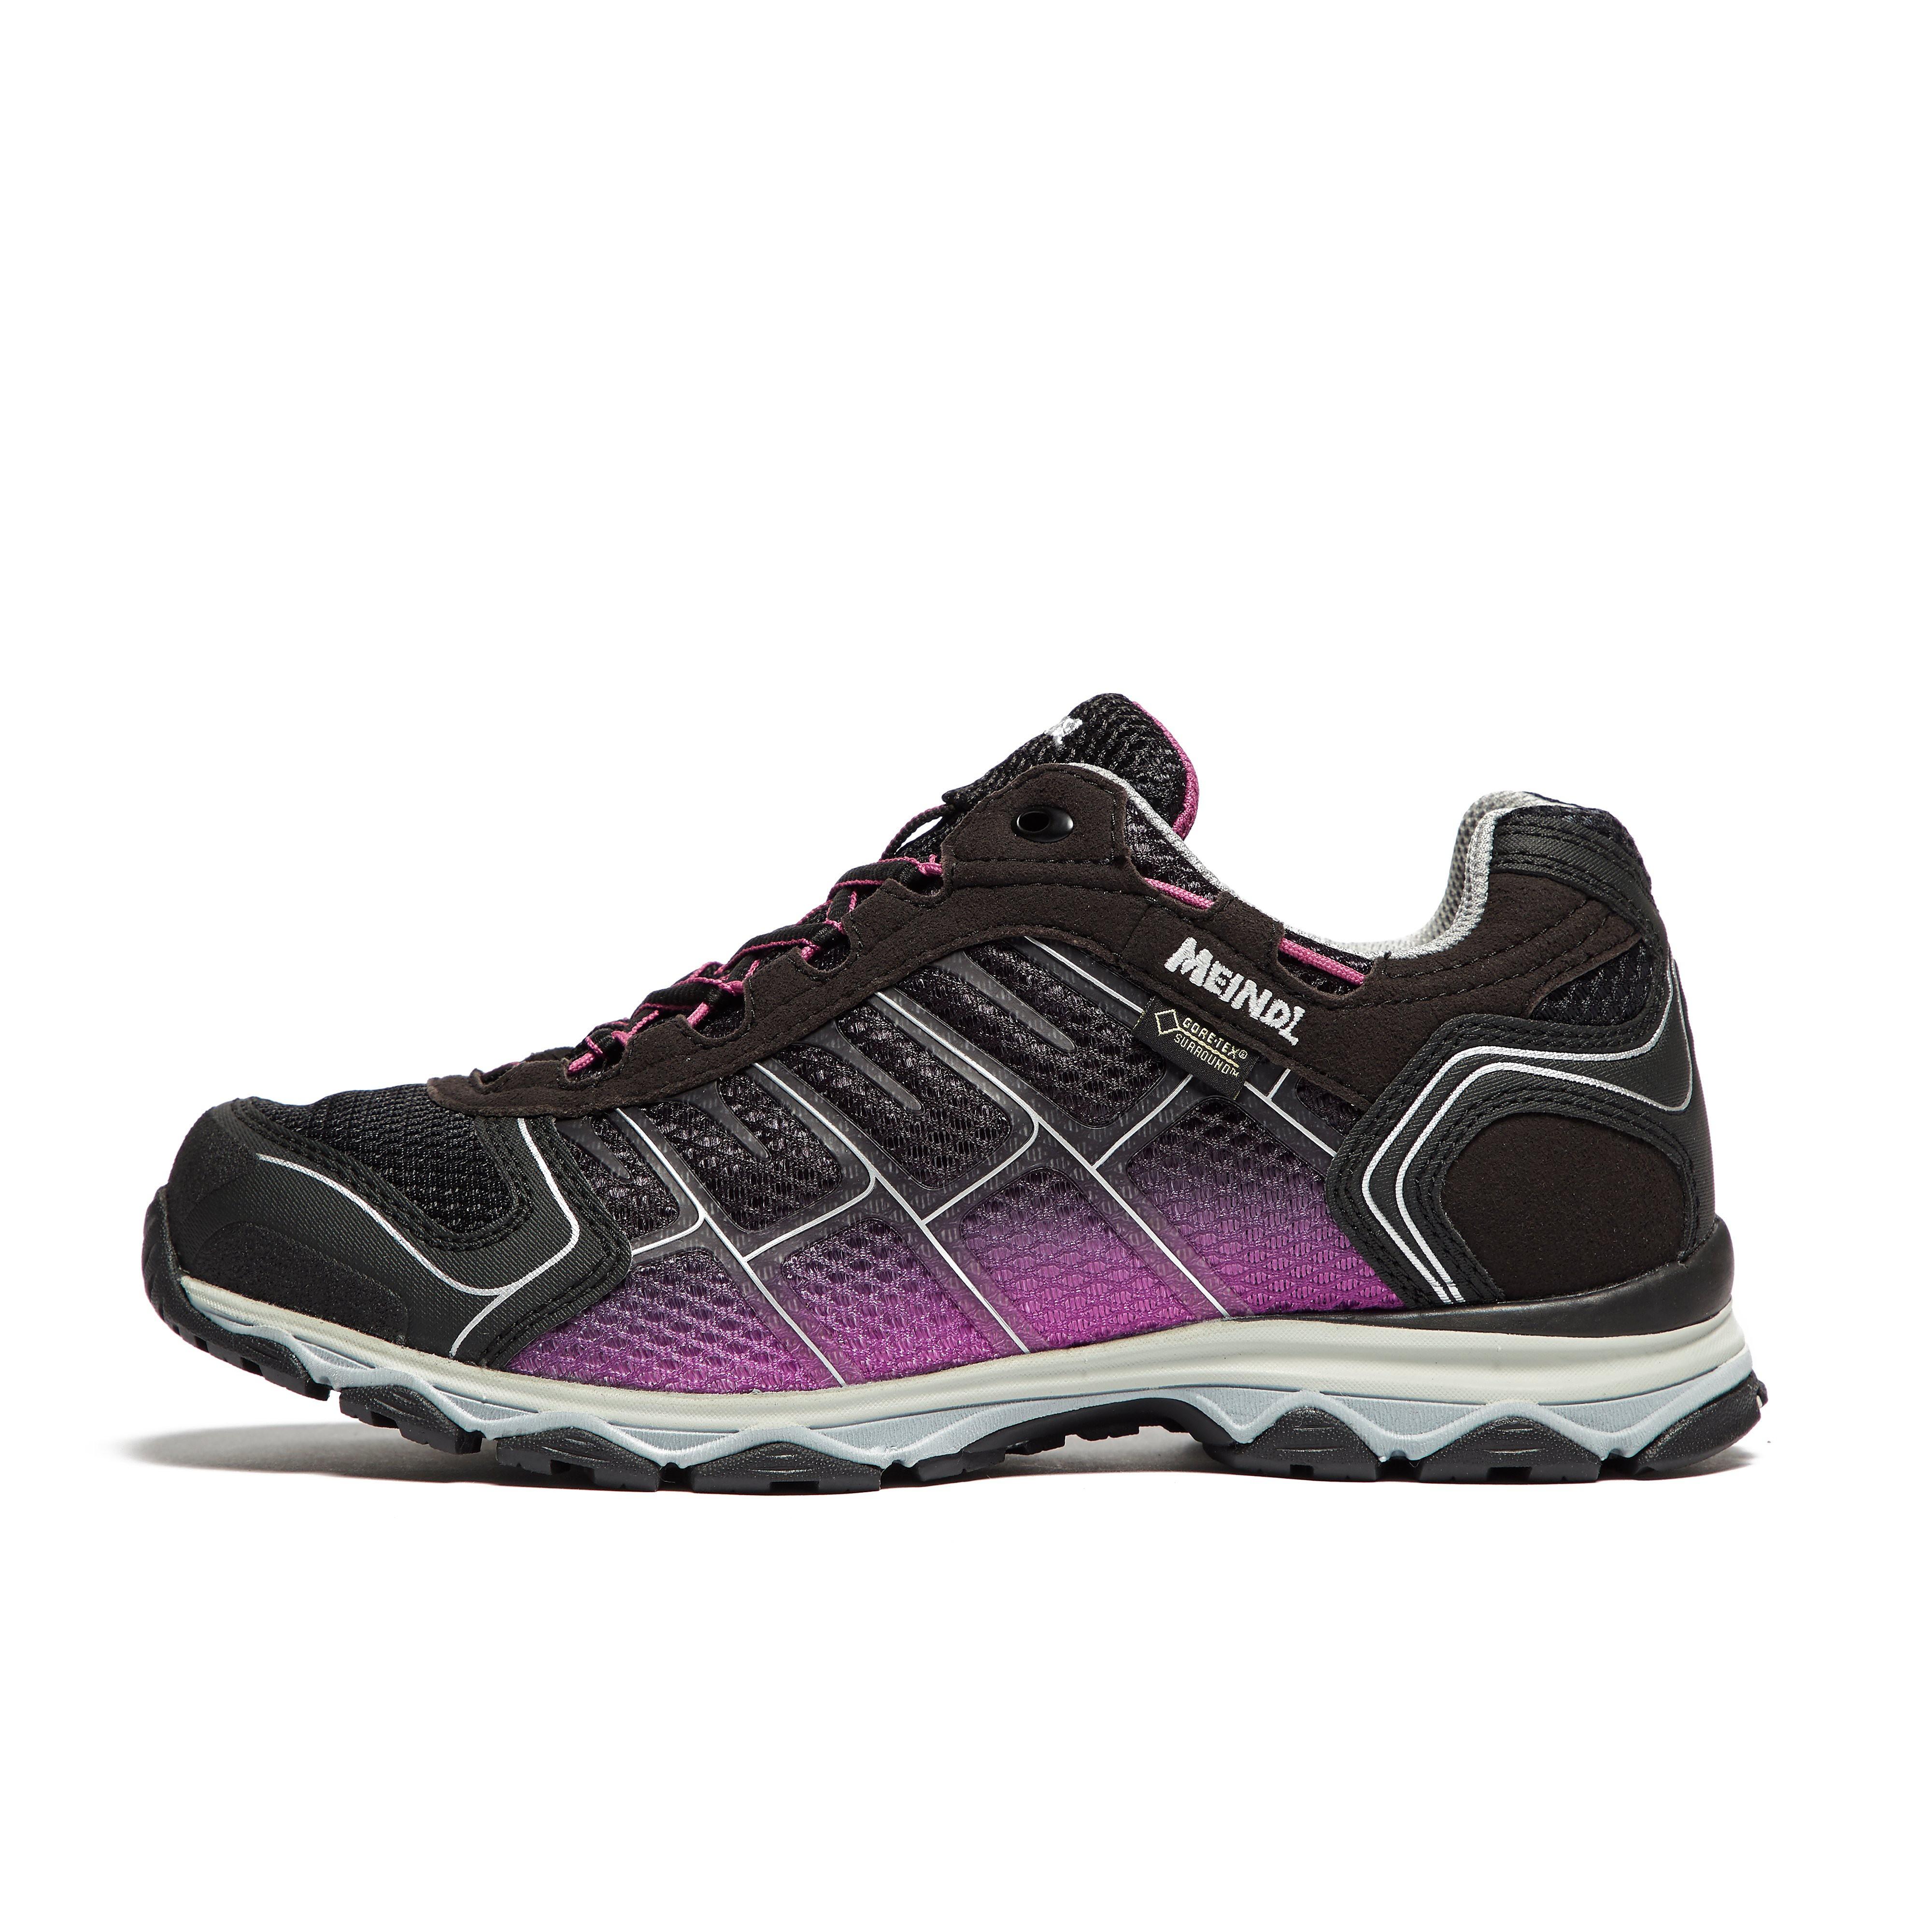 Meindl X-SO 30 GTX Women's Walking Shoes